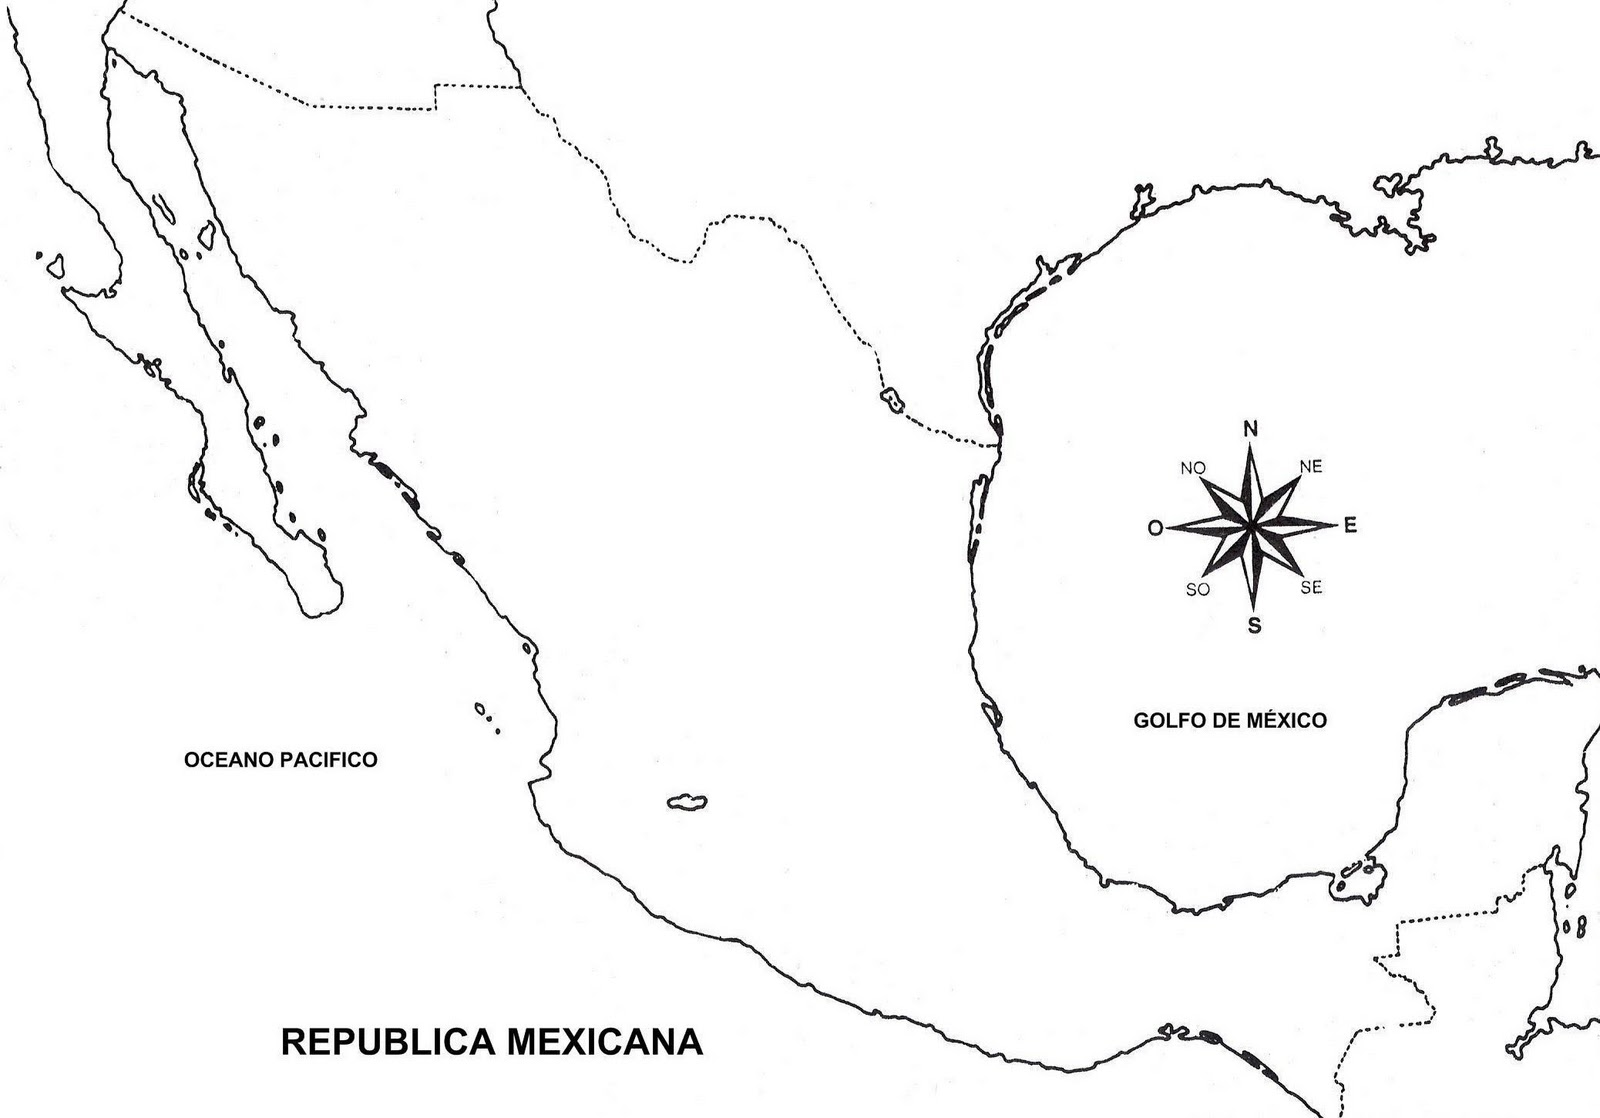 Mapa de la república mexicana sin nombre y sin división política [Contorno]